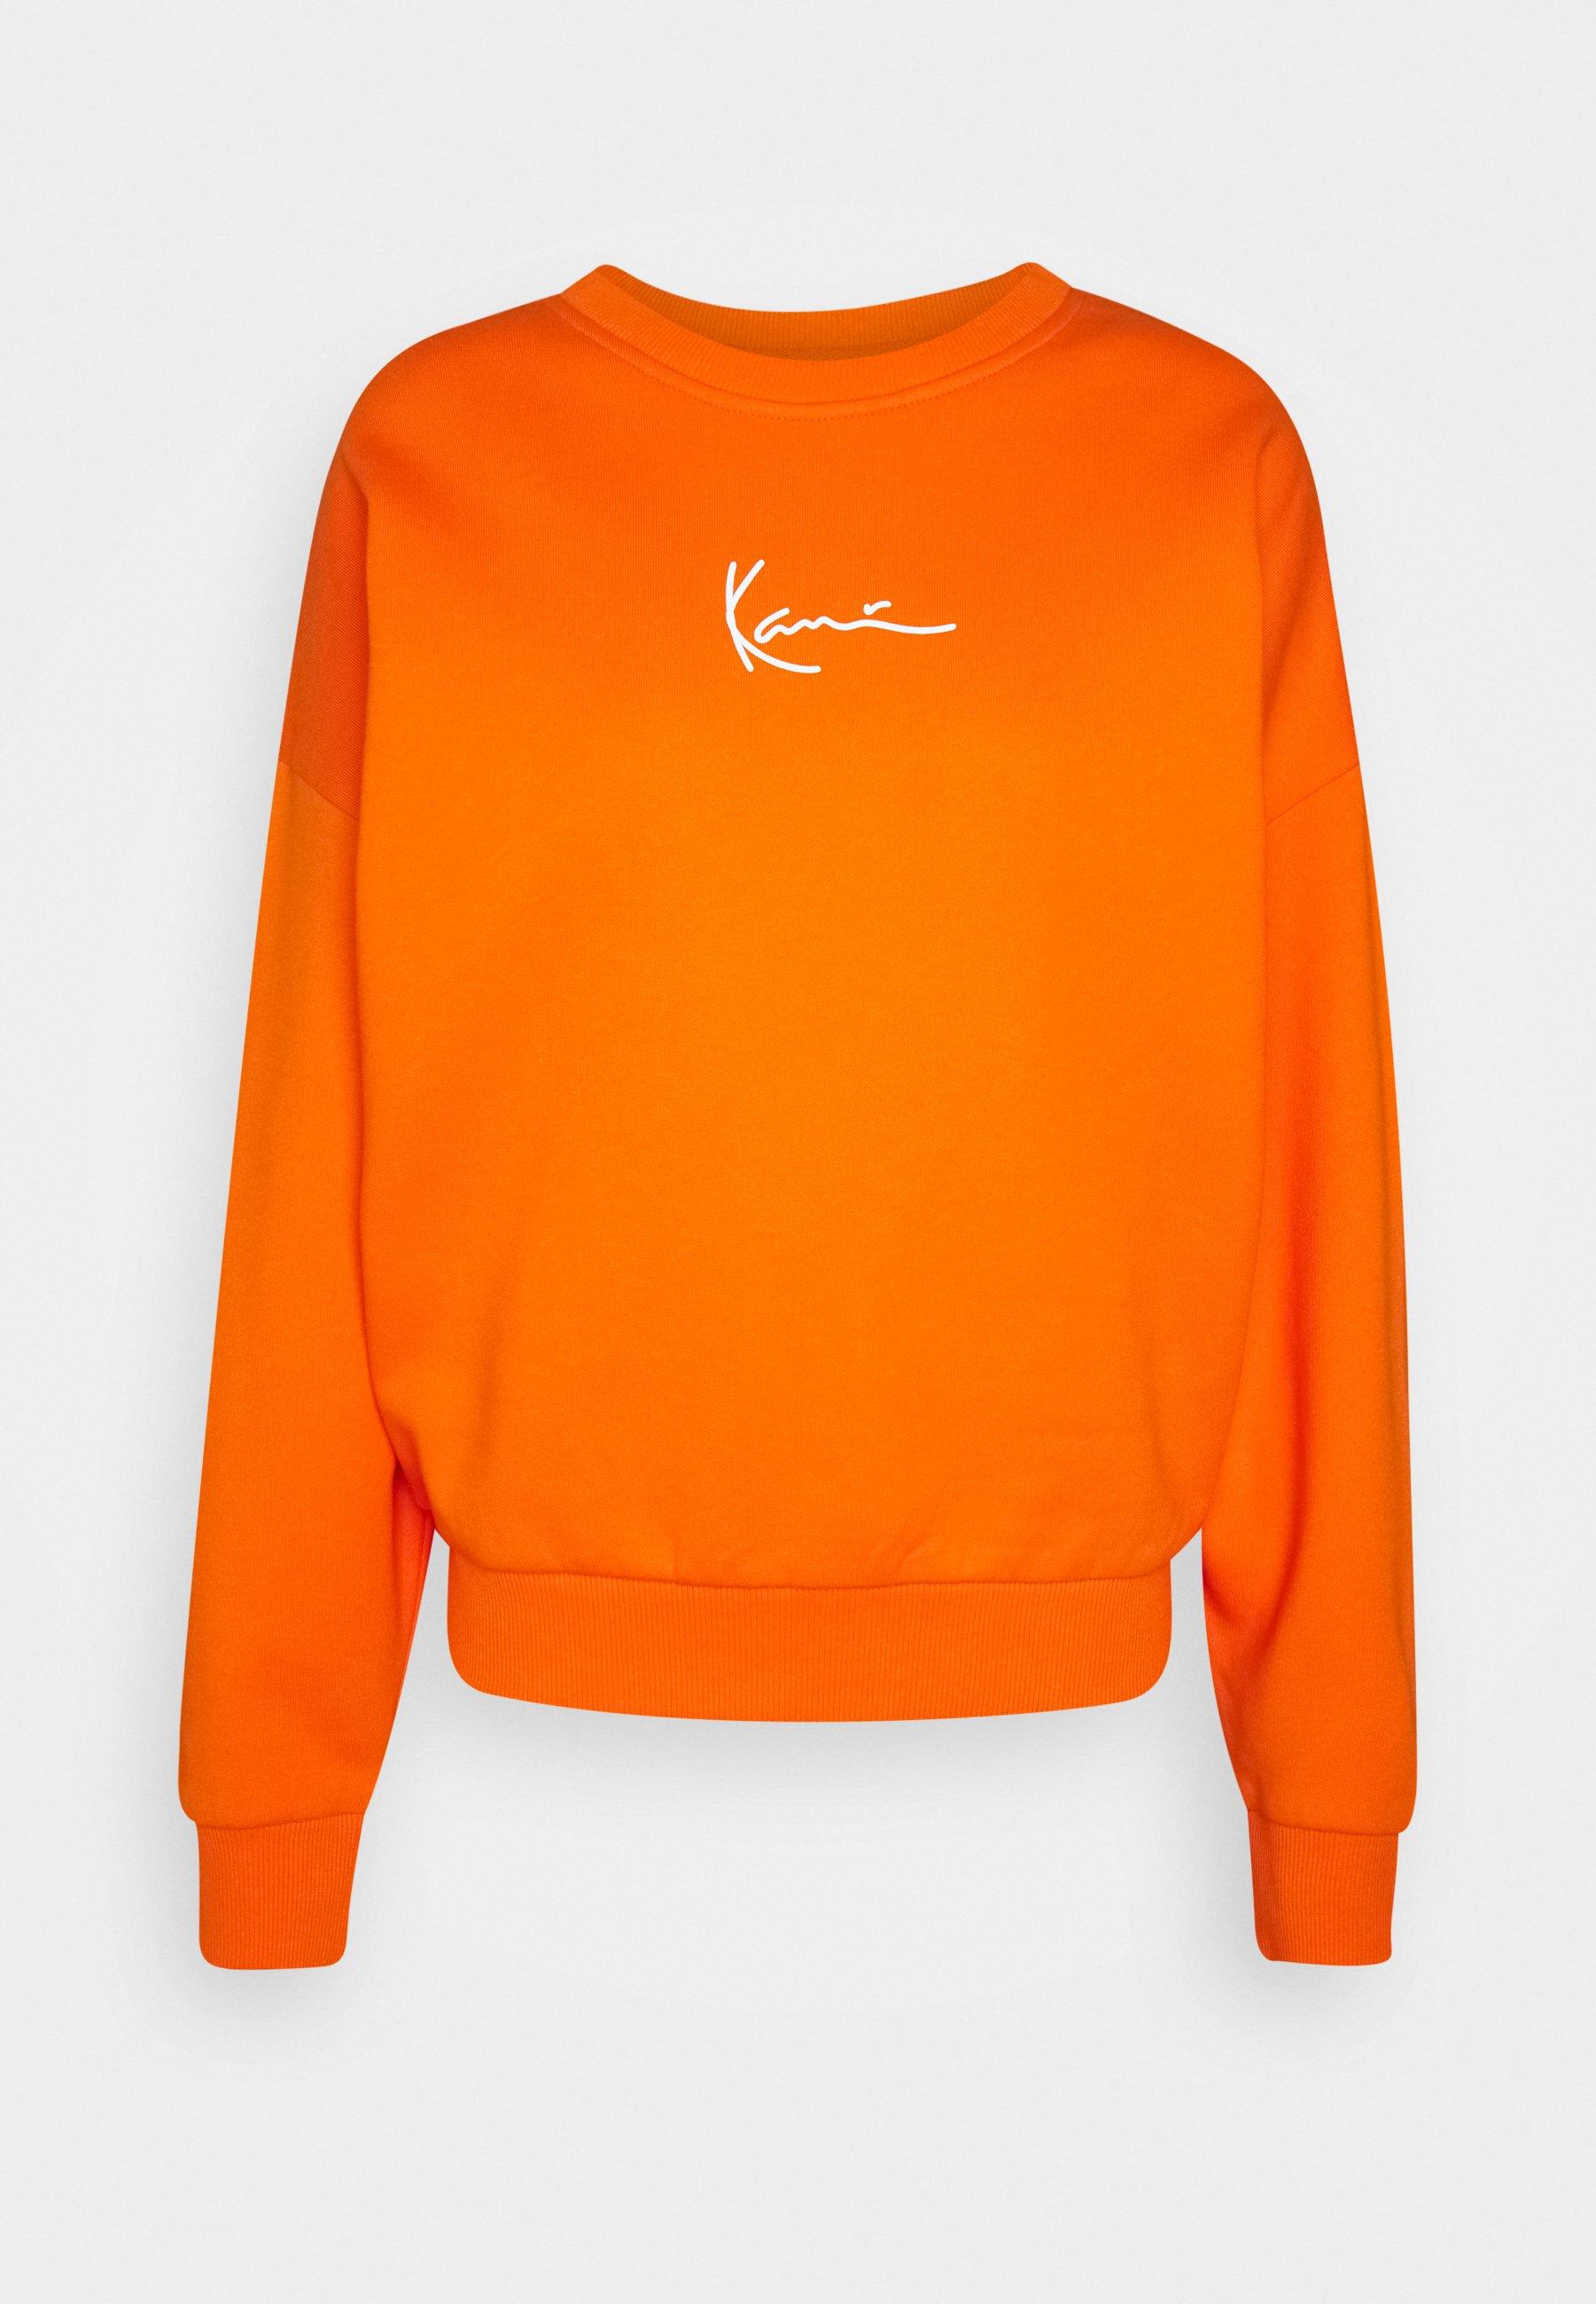 Orange Pullover für Damen versandkostenfrei kaufen | ZALANDO